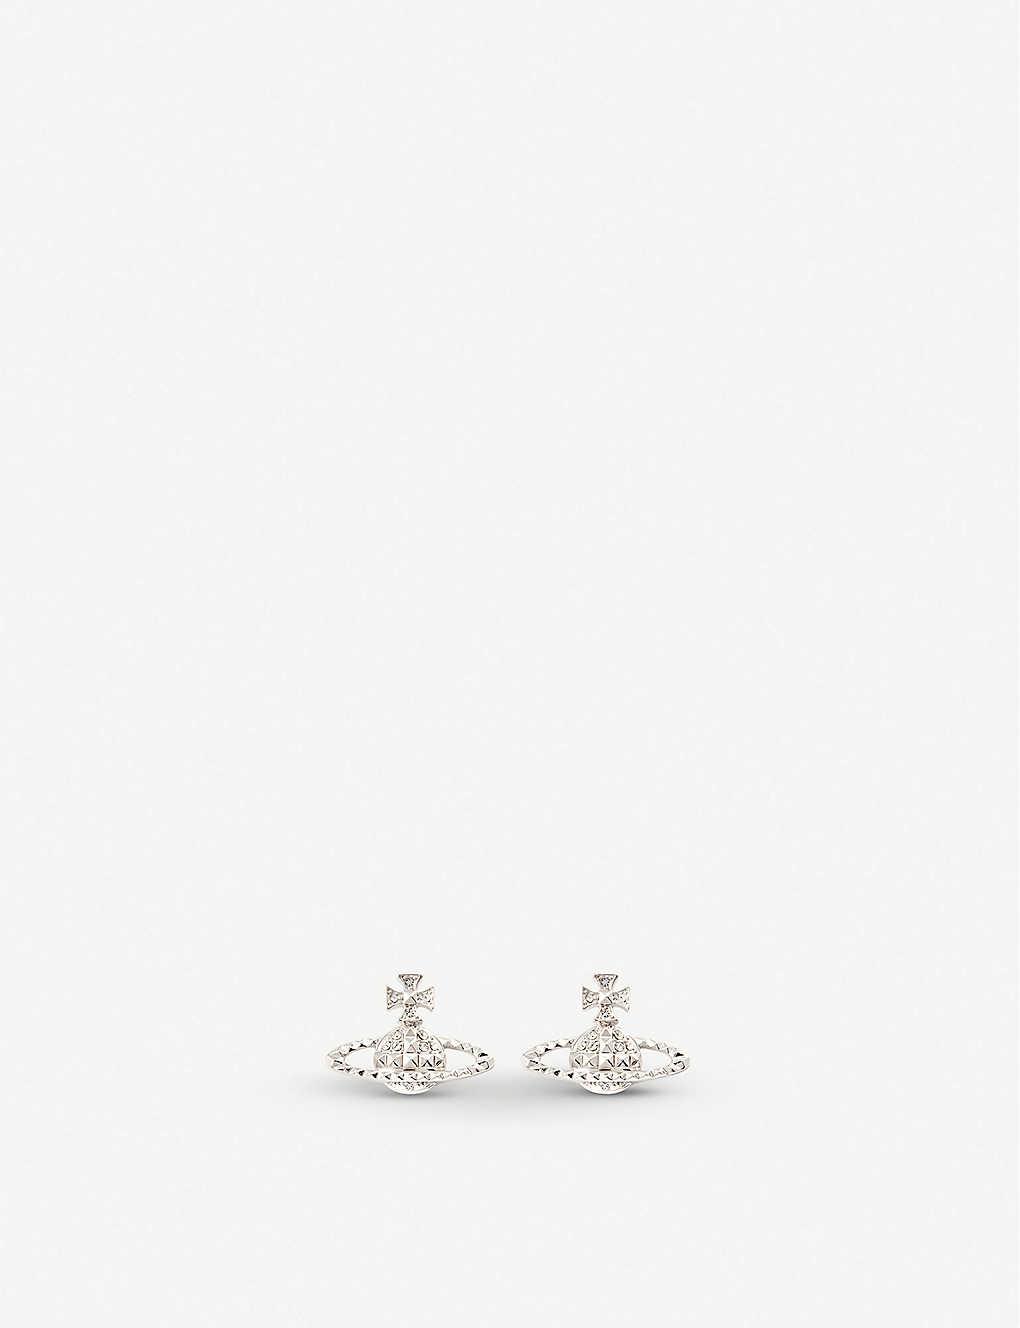 340c8ccee10 VIVIENNE WESTWOOD JEWELLERY - Mayfair bas relief earrings ...